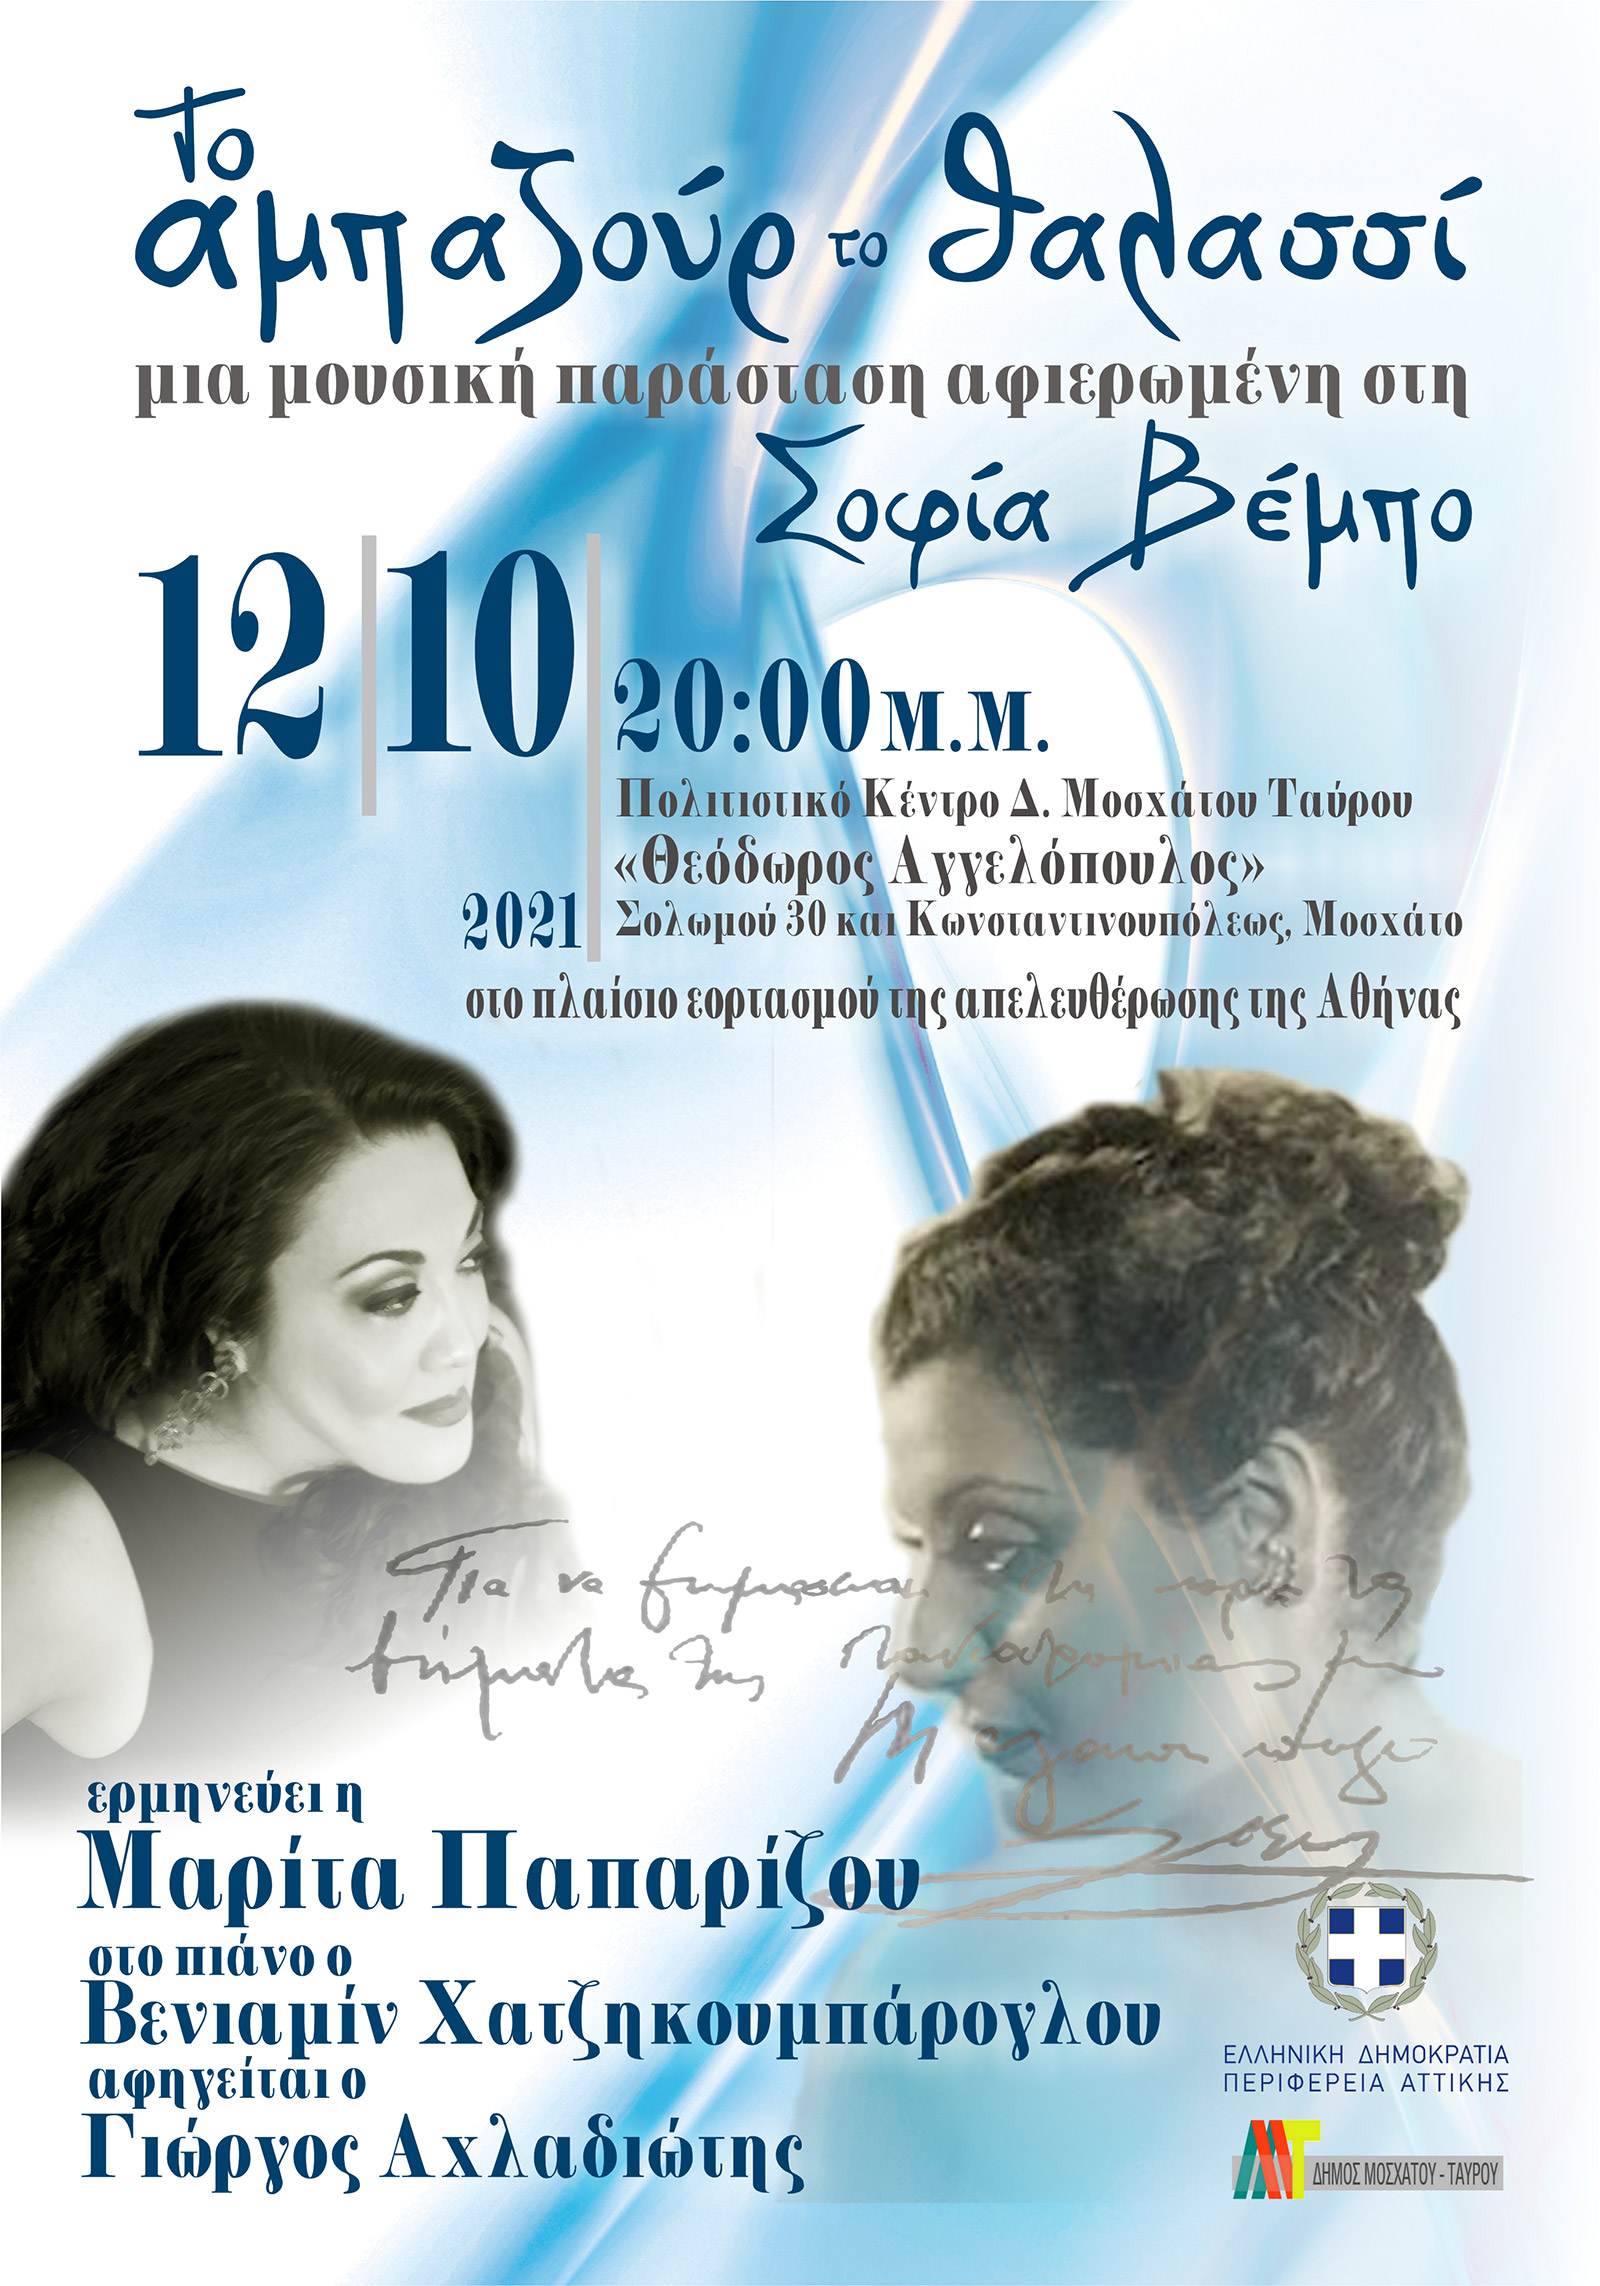 Μουσική παράσταση αφιερωμένη στη Σοφία Βέμπο – Τρίτη 12 Οκτωβρίου στις 20:00, στο Πολιτιστικό Κέντρο